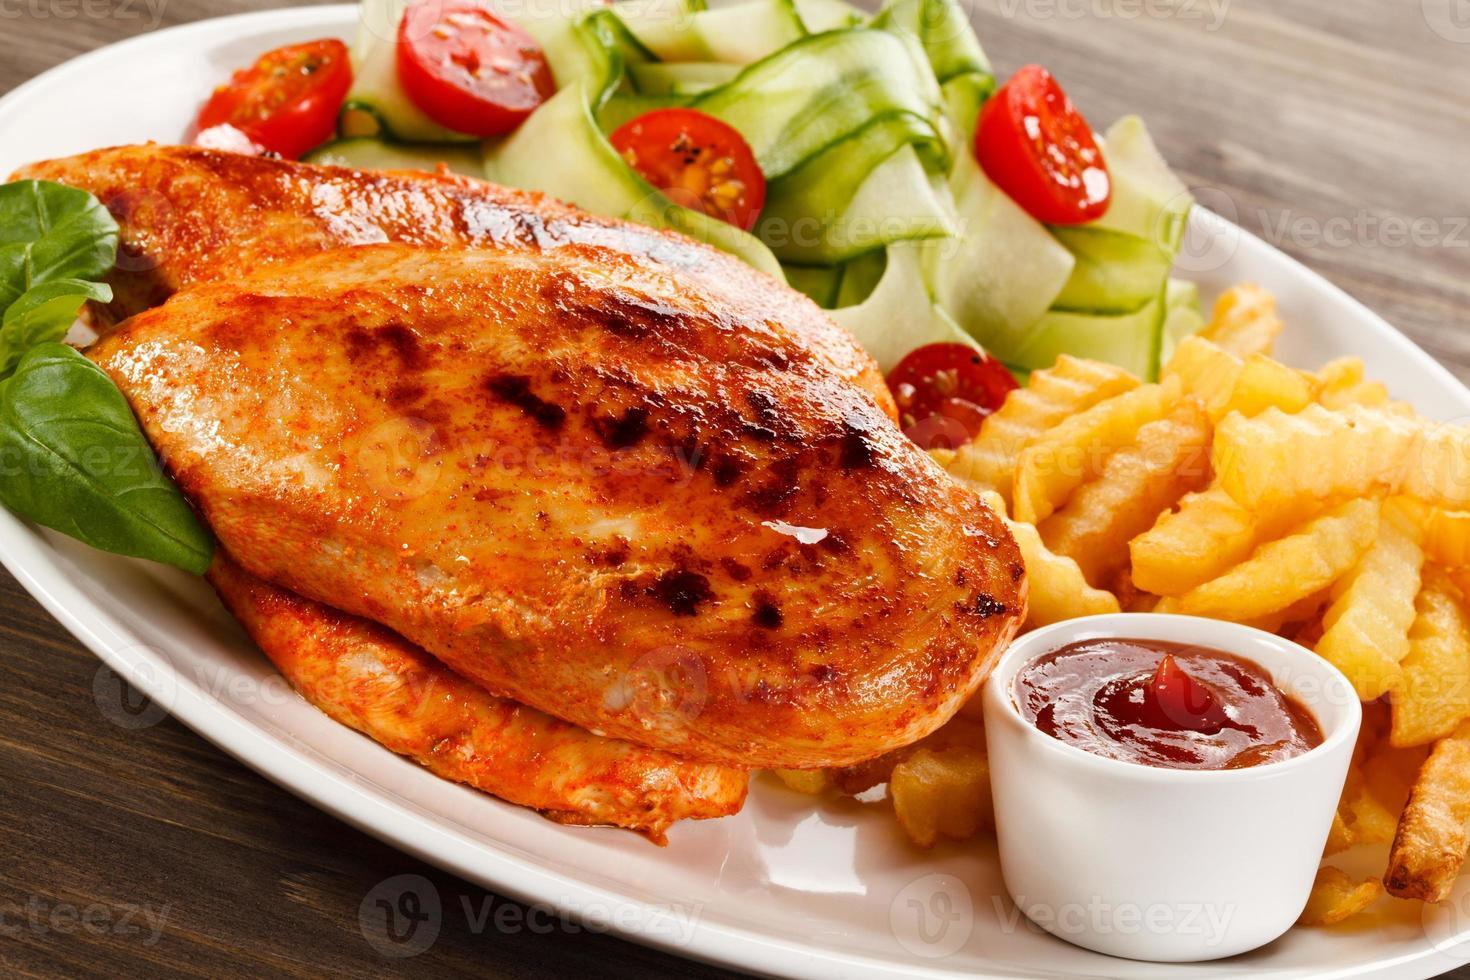 Filetes de pollo a la parrilla, papas fritas y verduras sobre fondo blanco. foto